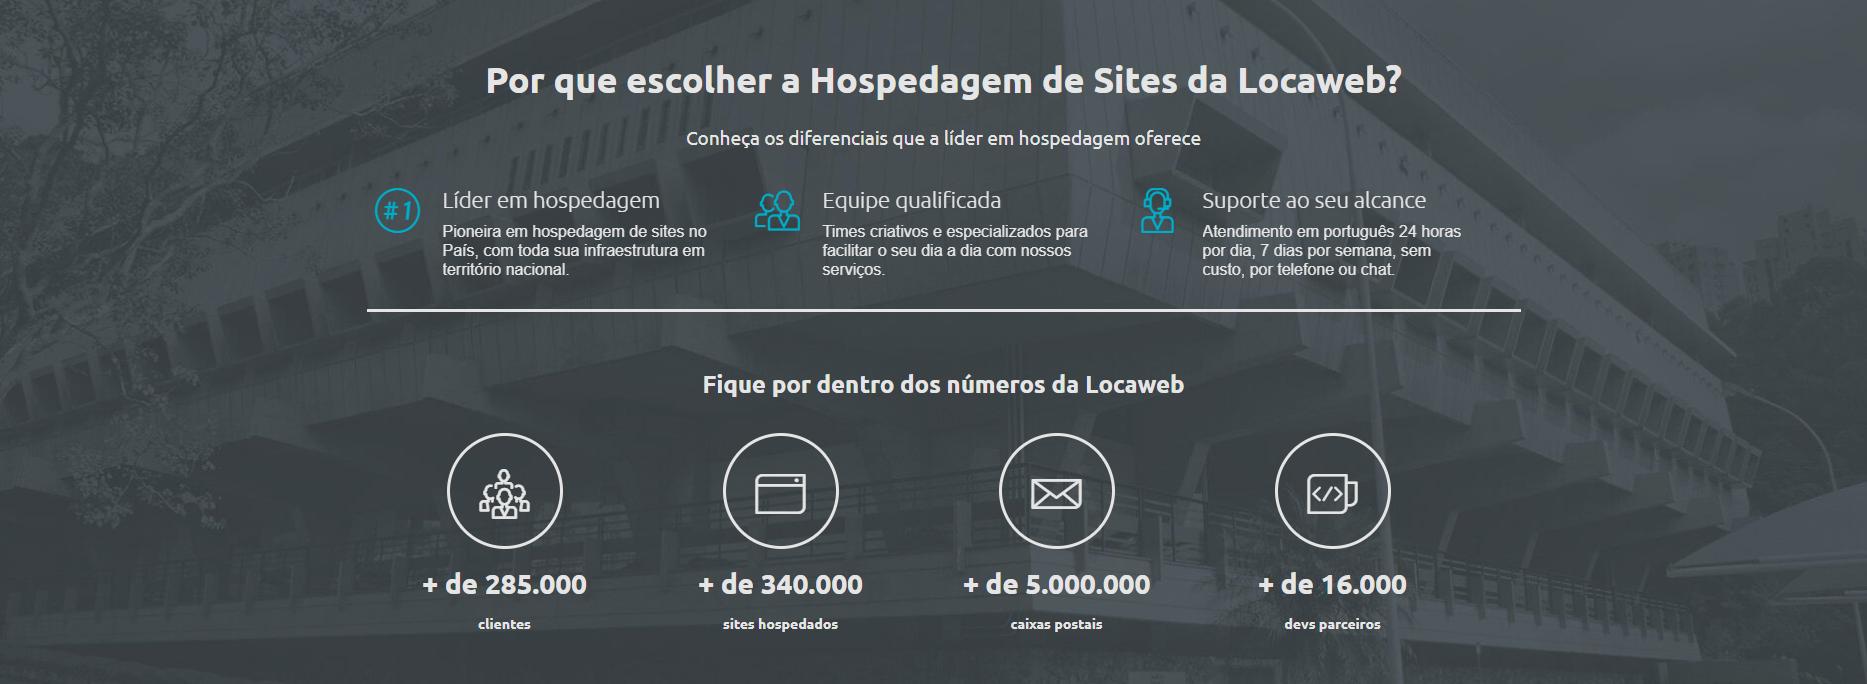 O que é localweb Site de hospedagem